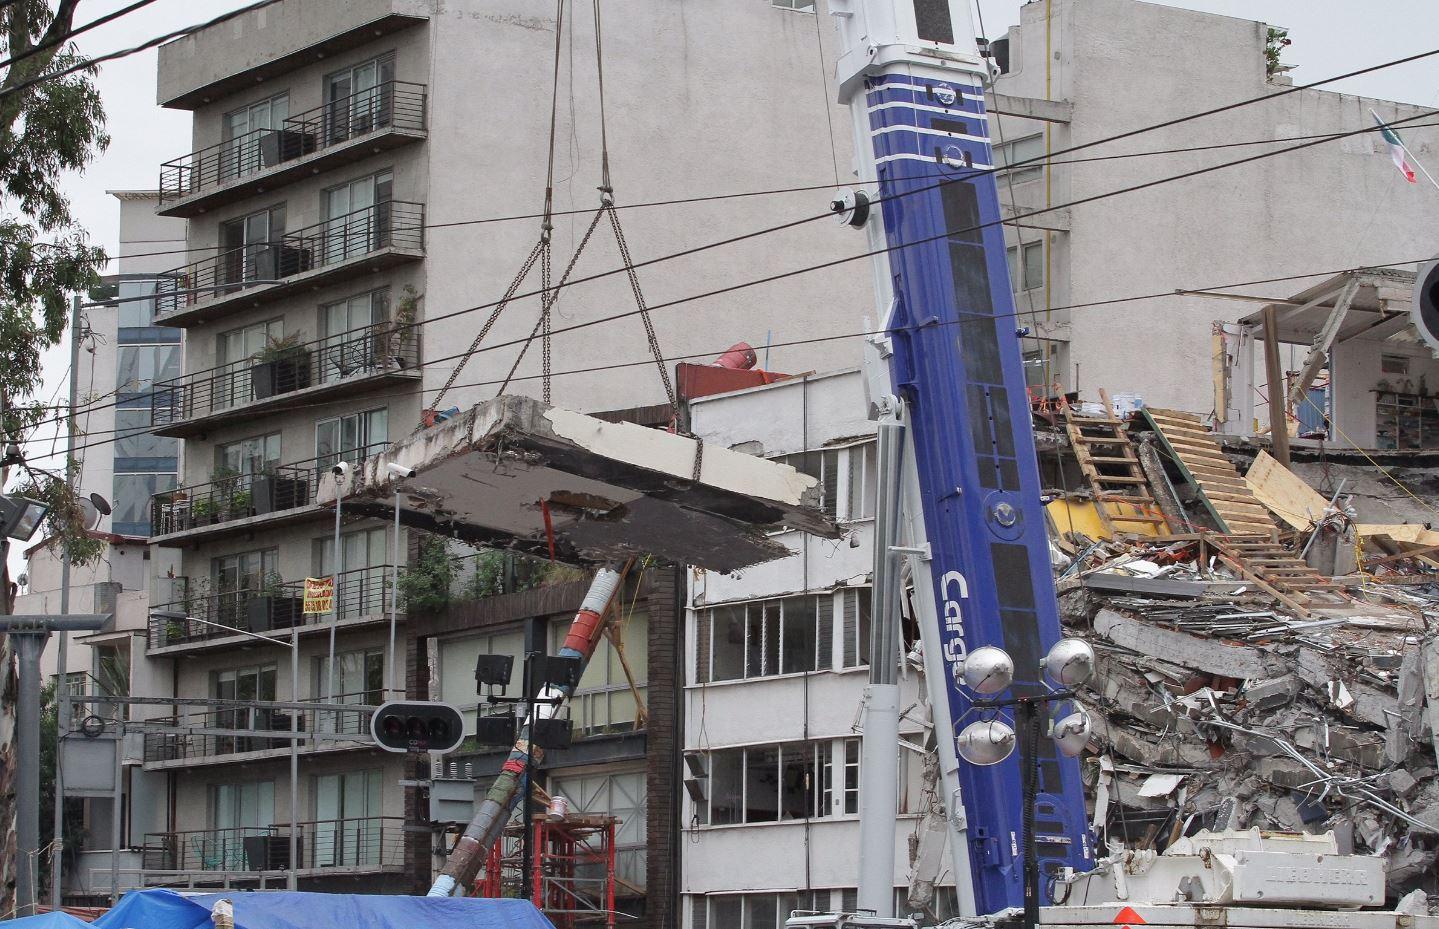 Sí habrá un Memorial en la calle Álvaro Obregón 286